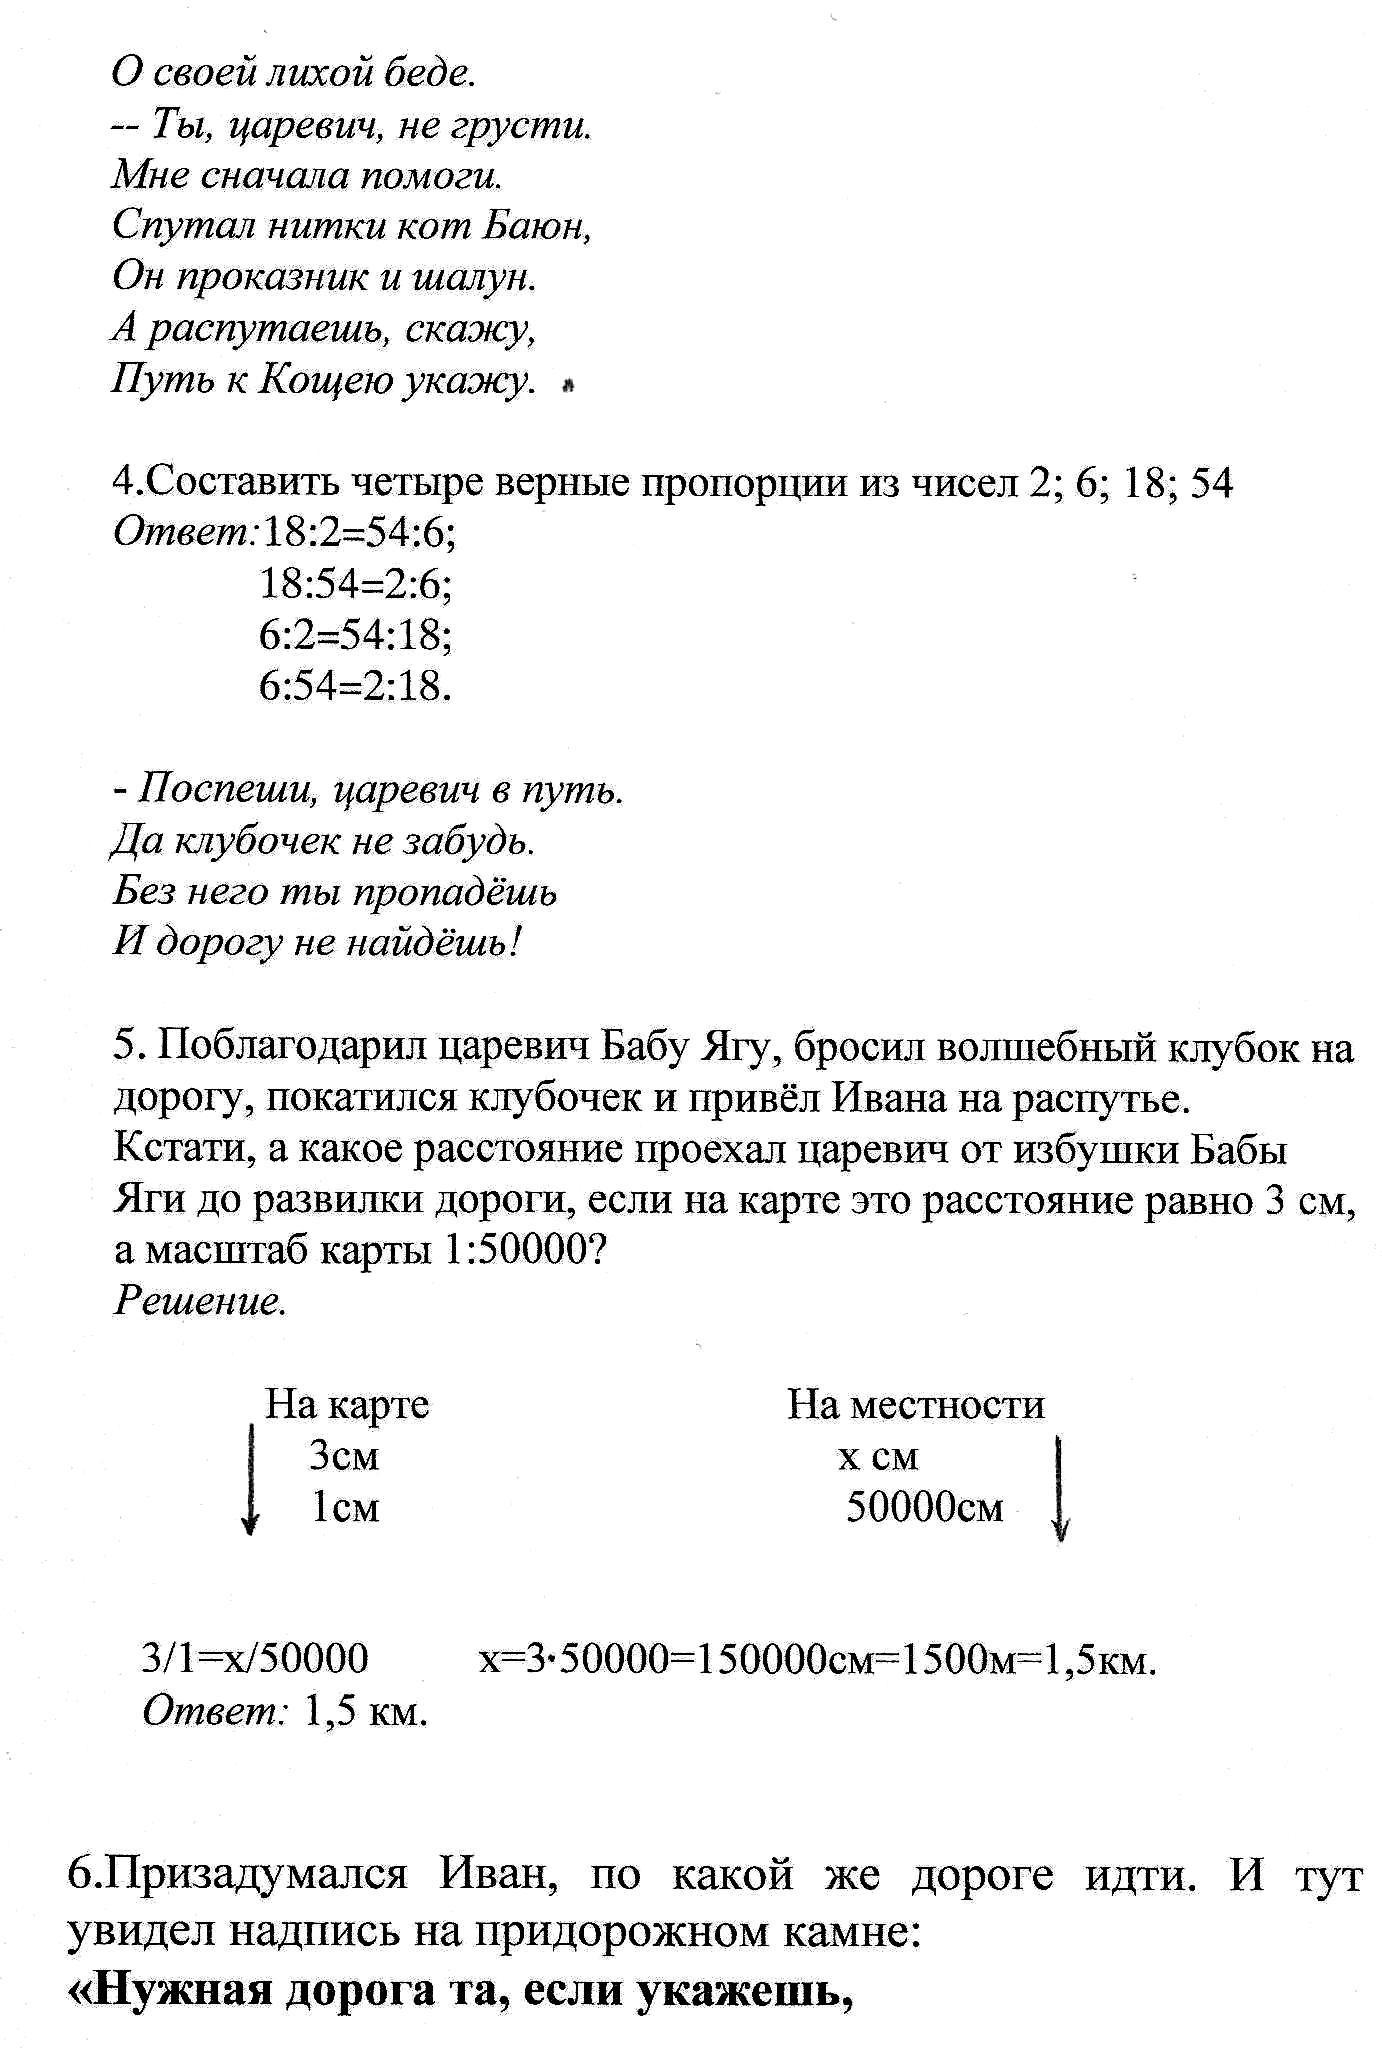 D:\Мои документы\Мои результаты сканировани\4.jpg